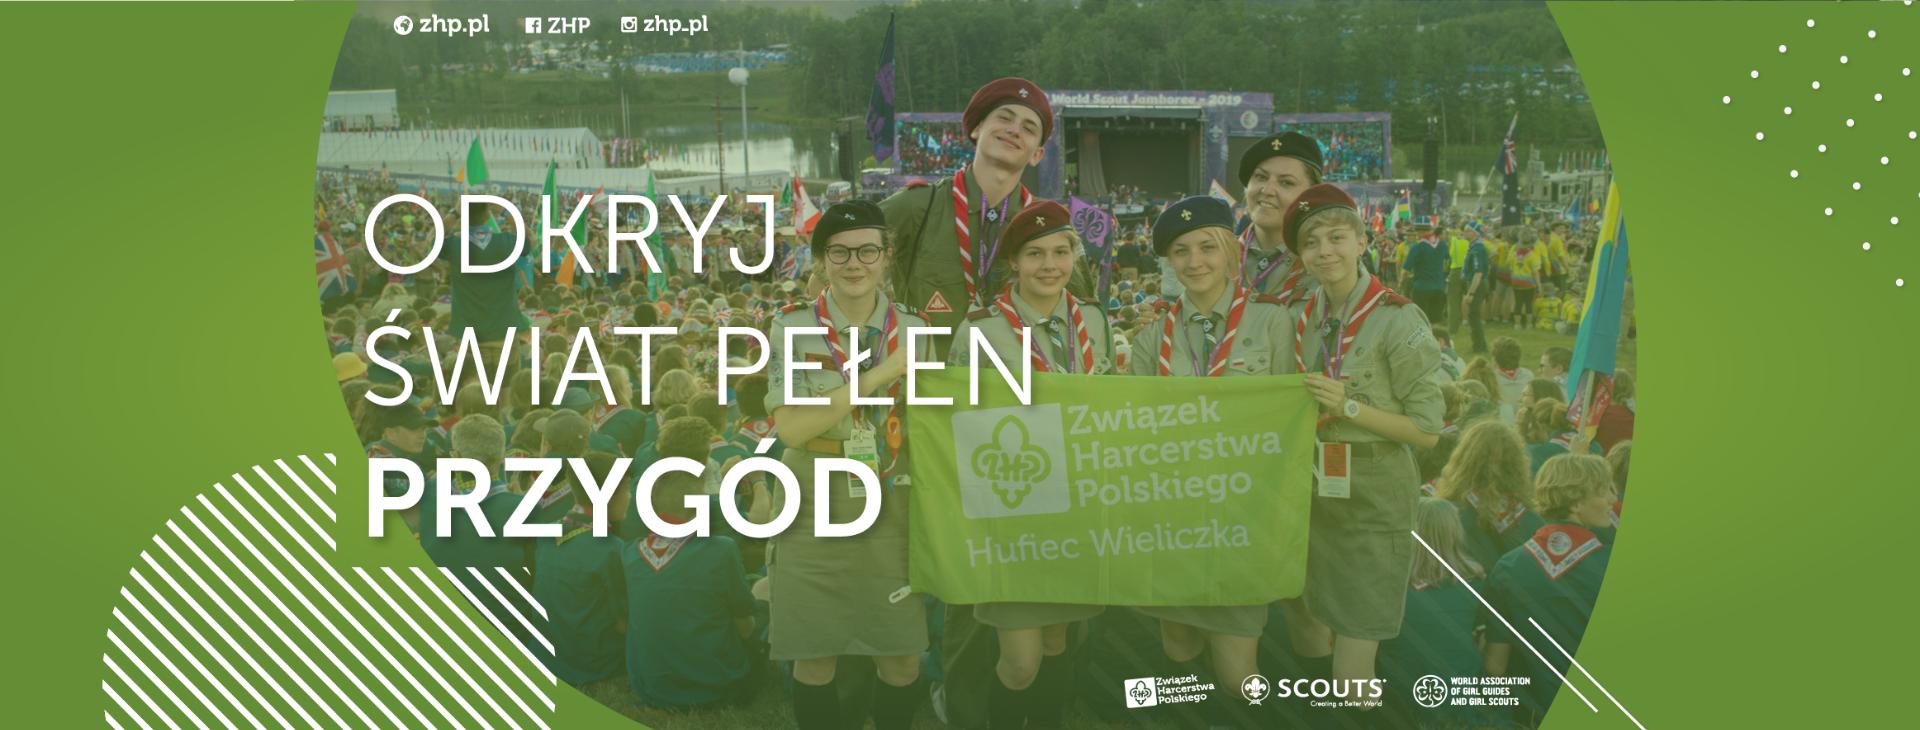 https://wieliczka.zhp.pl/wp-content/uploads/2019/09/Kopia-obóz-2019-zdjęcie-w-tle.png